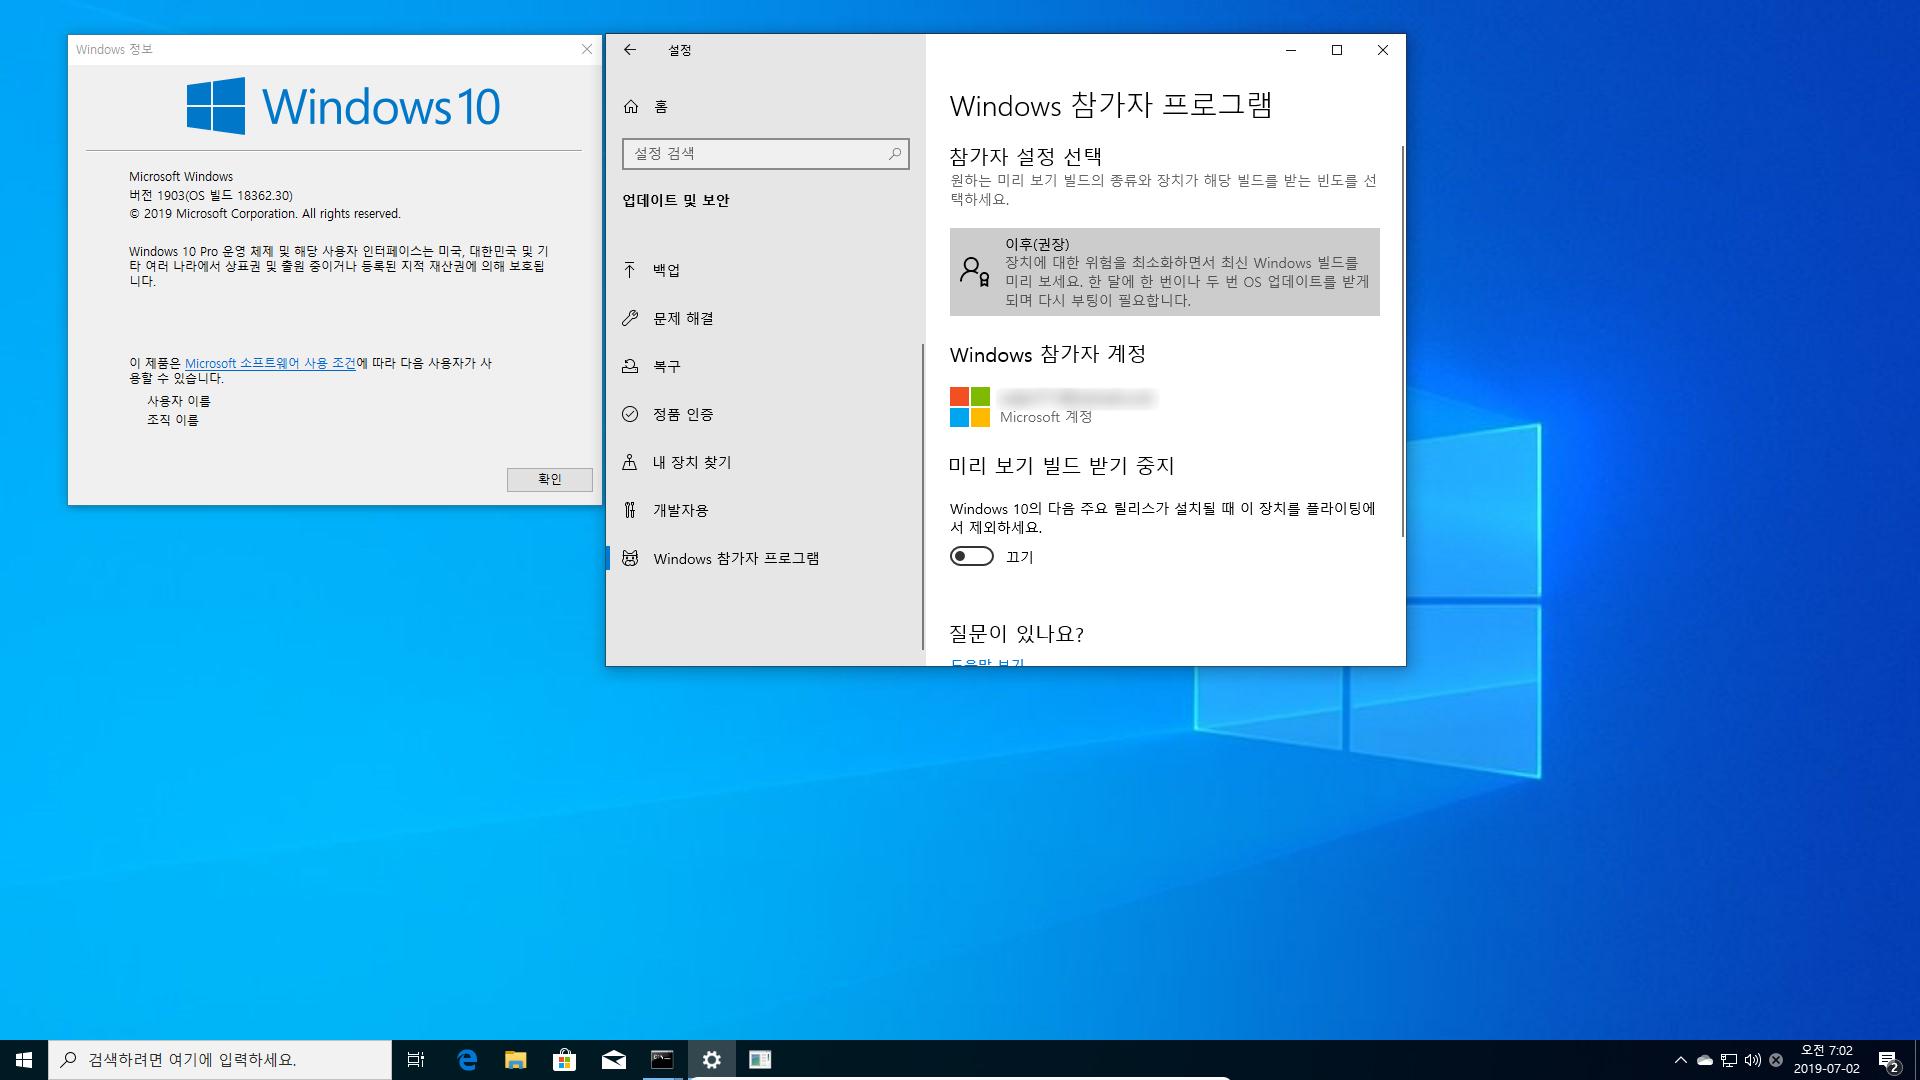 드디어 Windows 10 19H2 나왔네요 - 인사이더 프리뷰 [18362.10000] 2019-07-02_070243.png